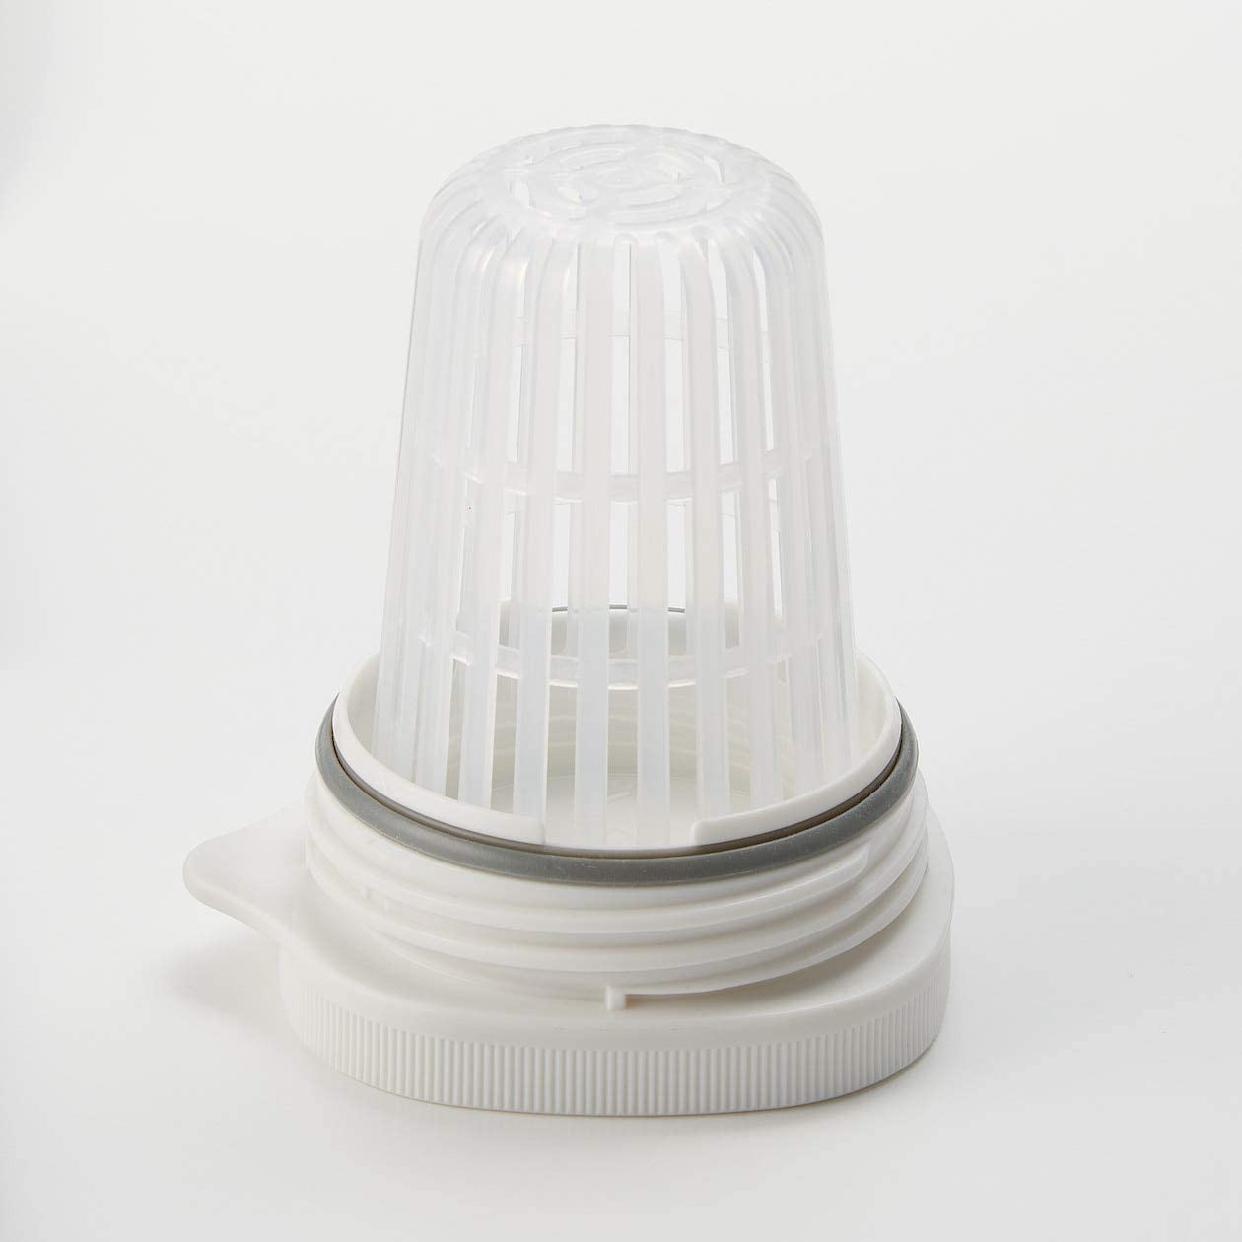 無印良品(MUJI) アクリル冷水筒 ドアポケットタイプ/冷水専用約1Lの商品画像6